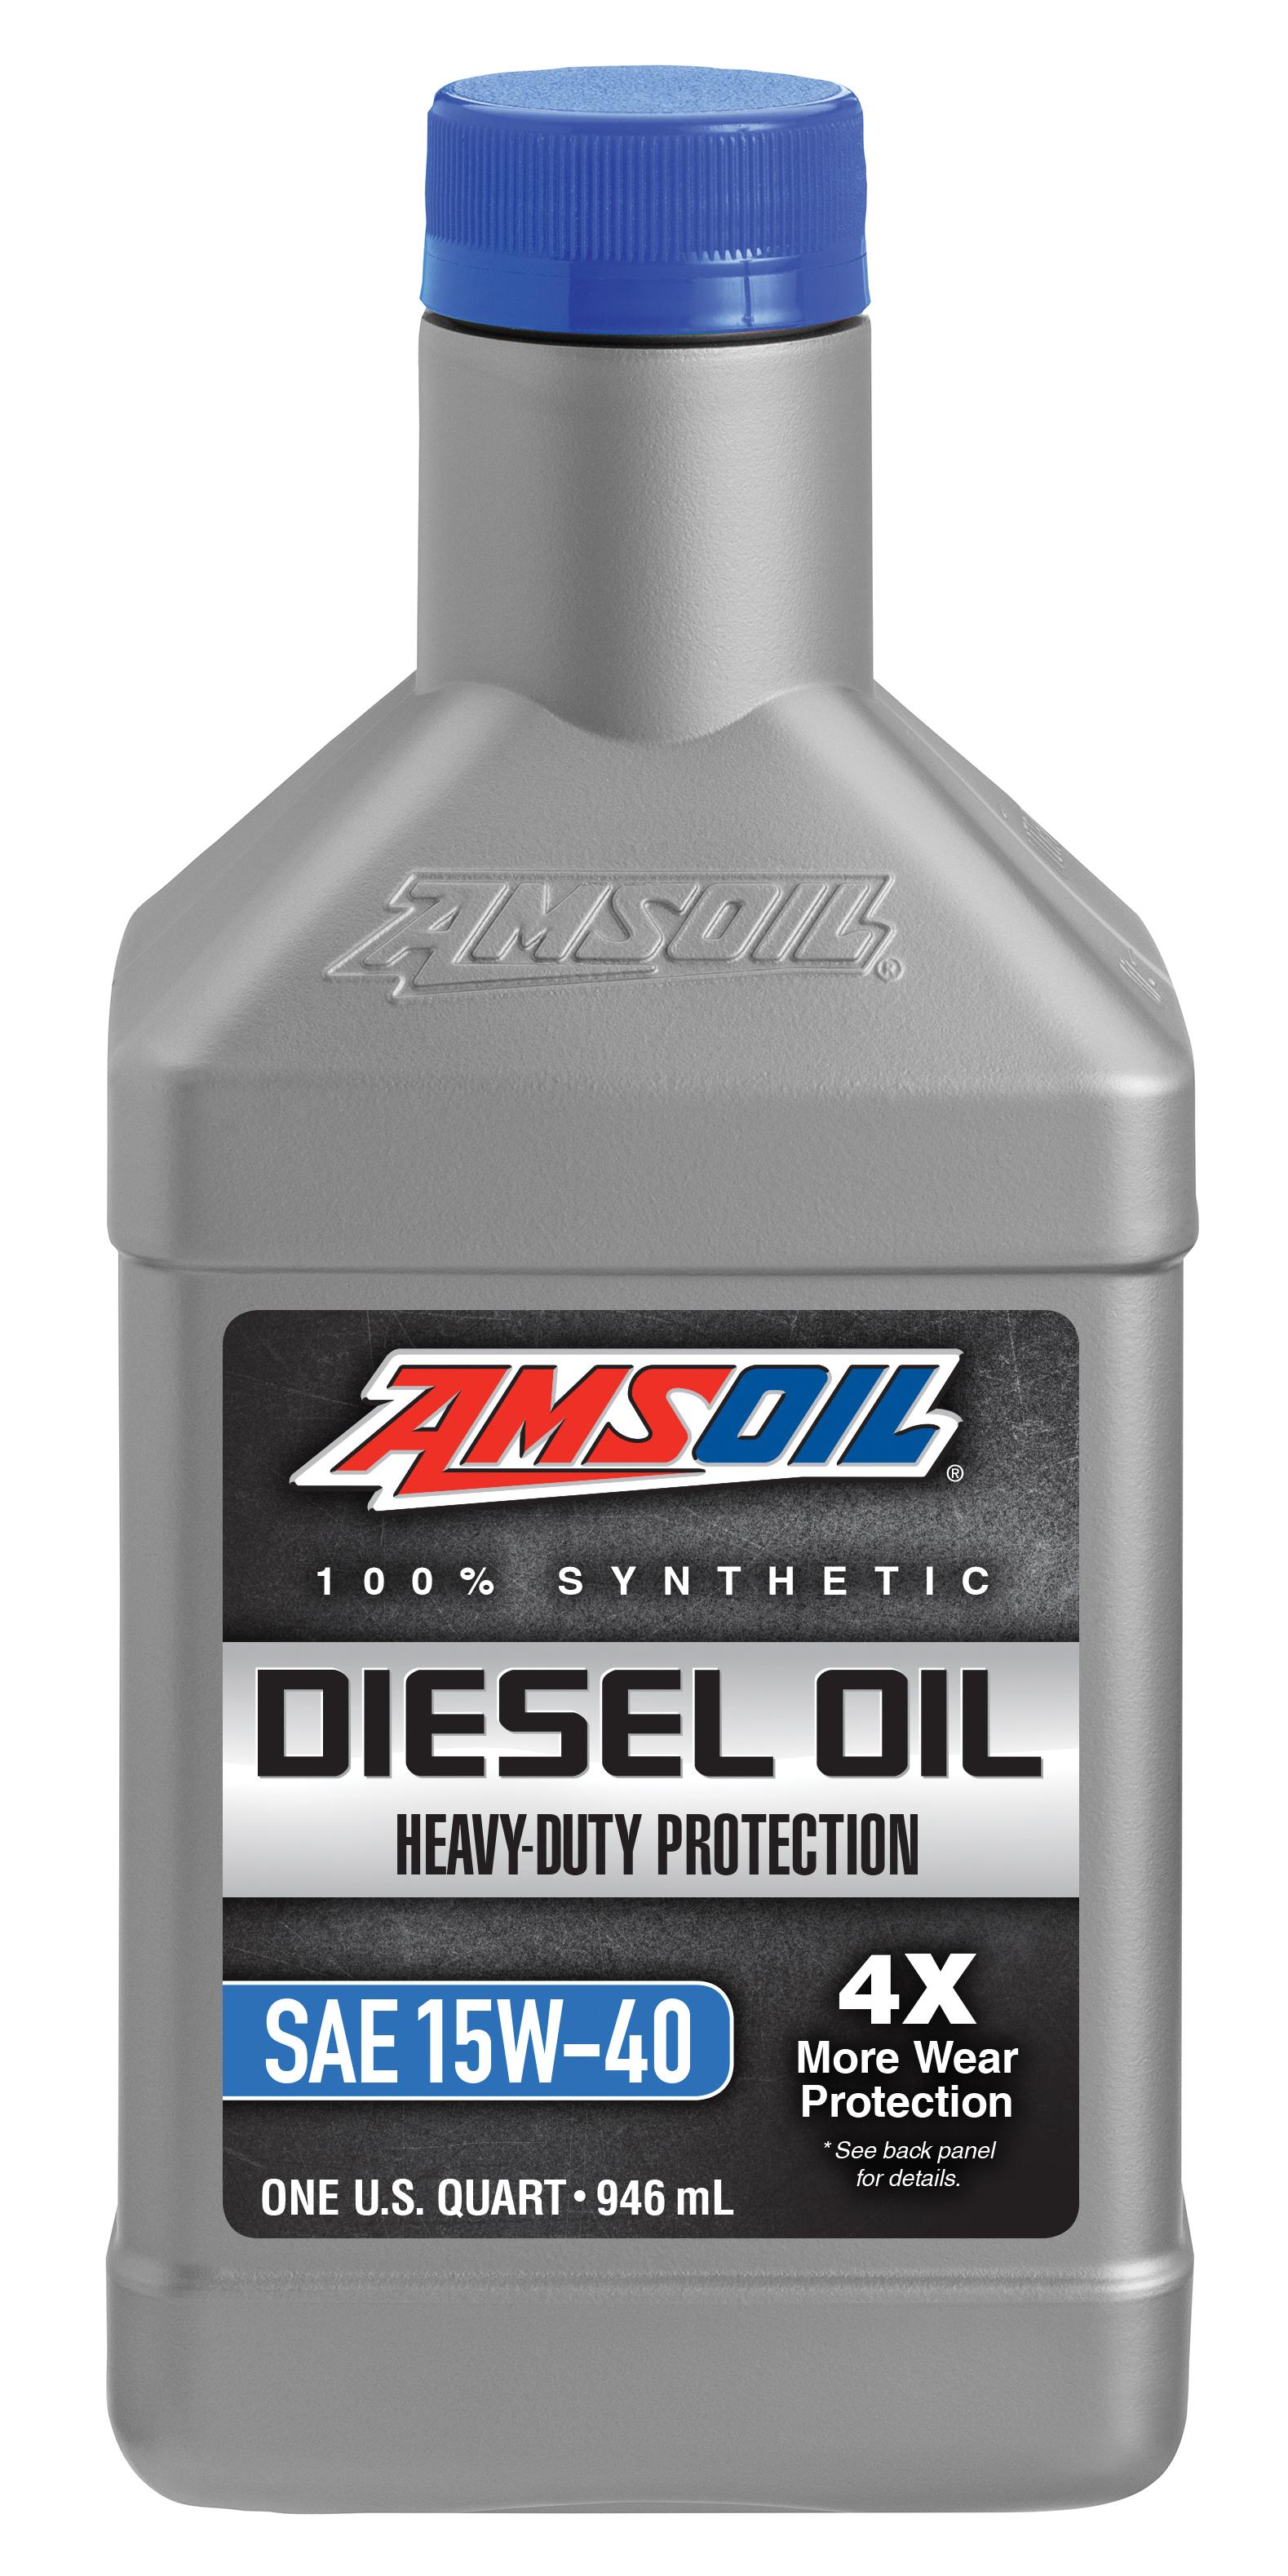 AMSOIL Heavy-Duty Synthetic SAE 15W-40 Diesel Oil